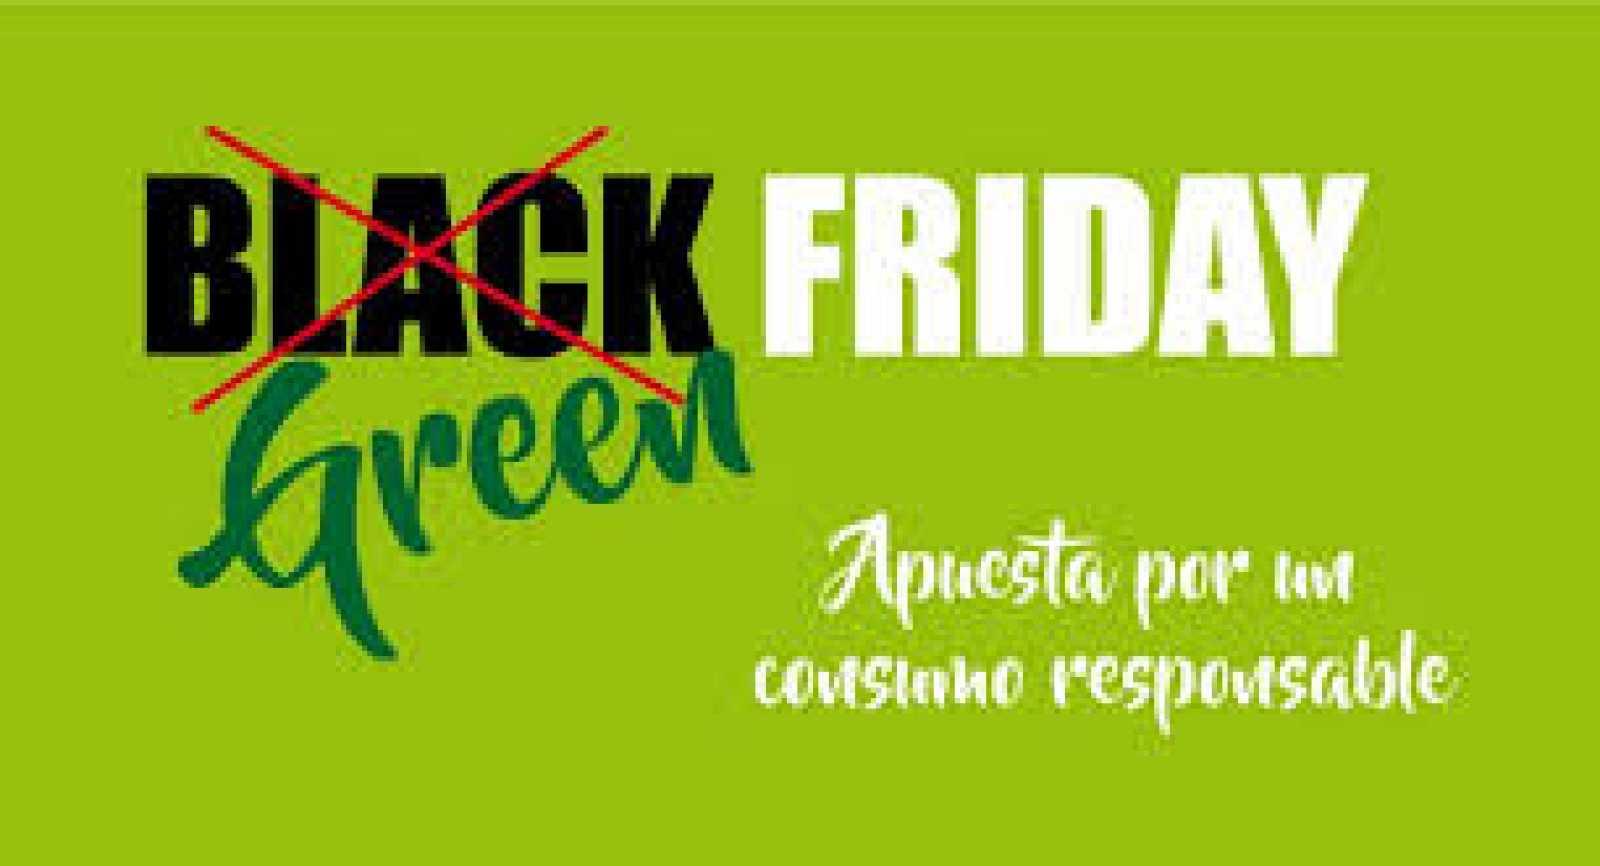 Entrevista campaña Green friday - 27/11/20 - Escuchar ahora